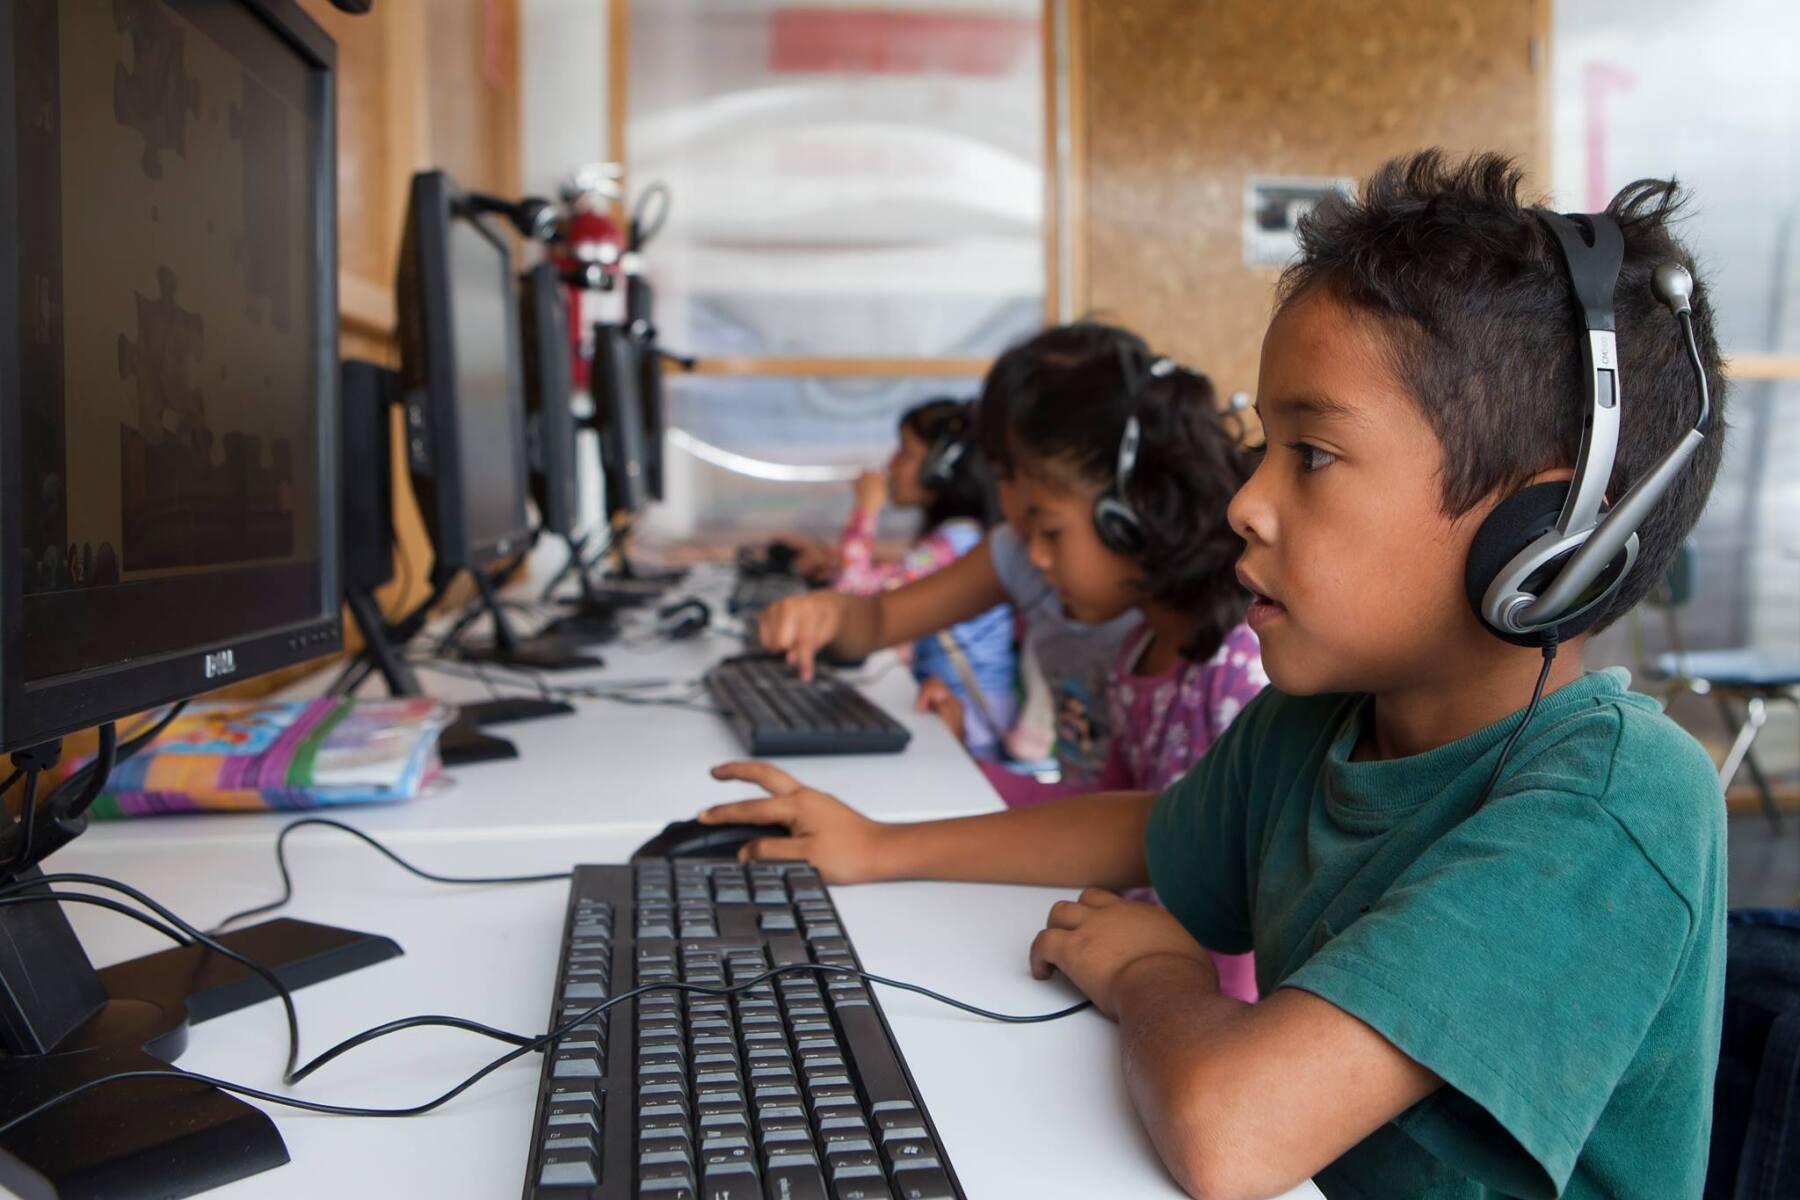 Enova ha atendido a más de 200 mil niños desde 2009, año en que inició operaciones.